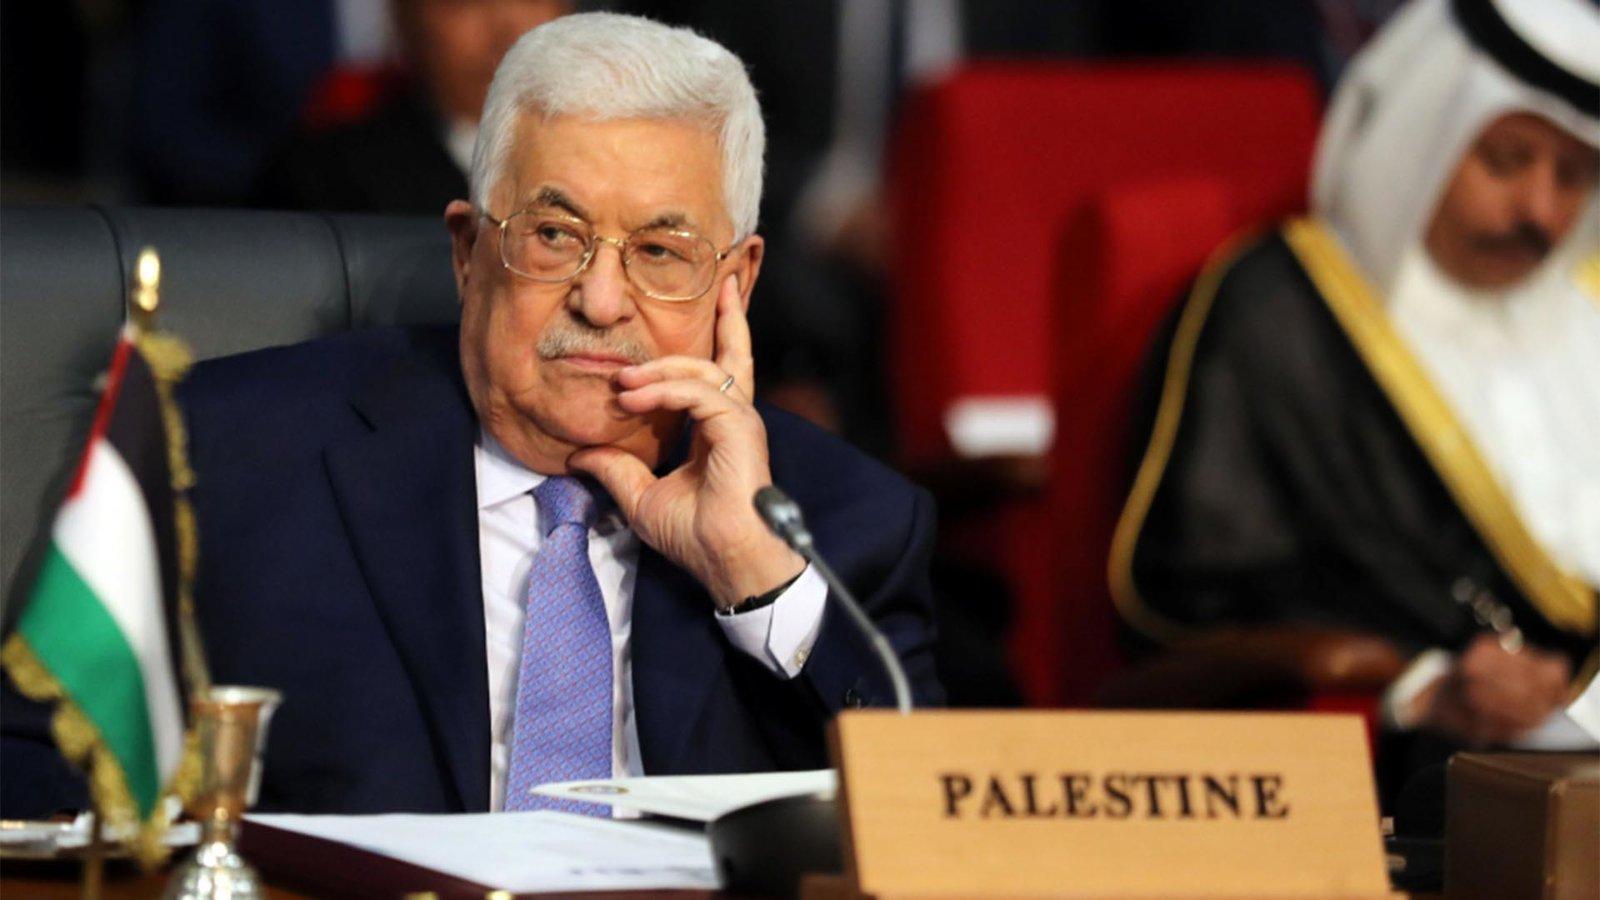 México: Llama a diálogo político entre Israel y Palestina